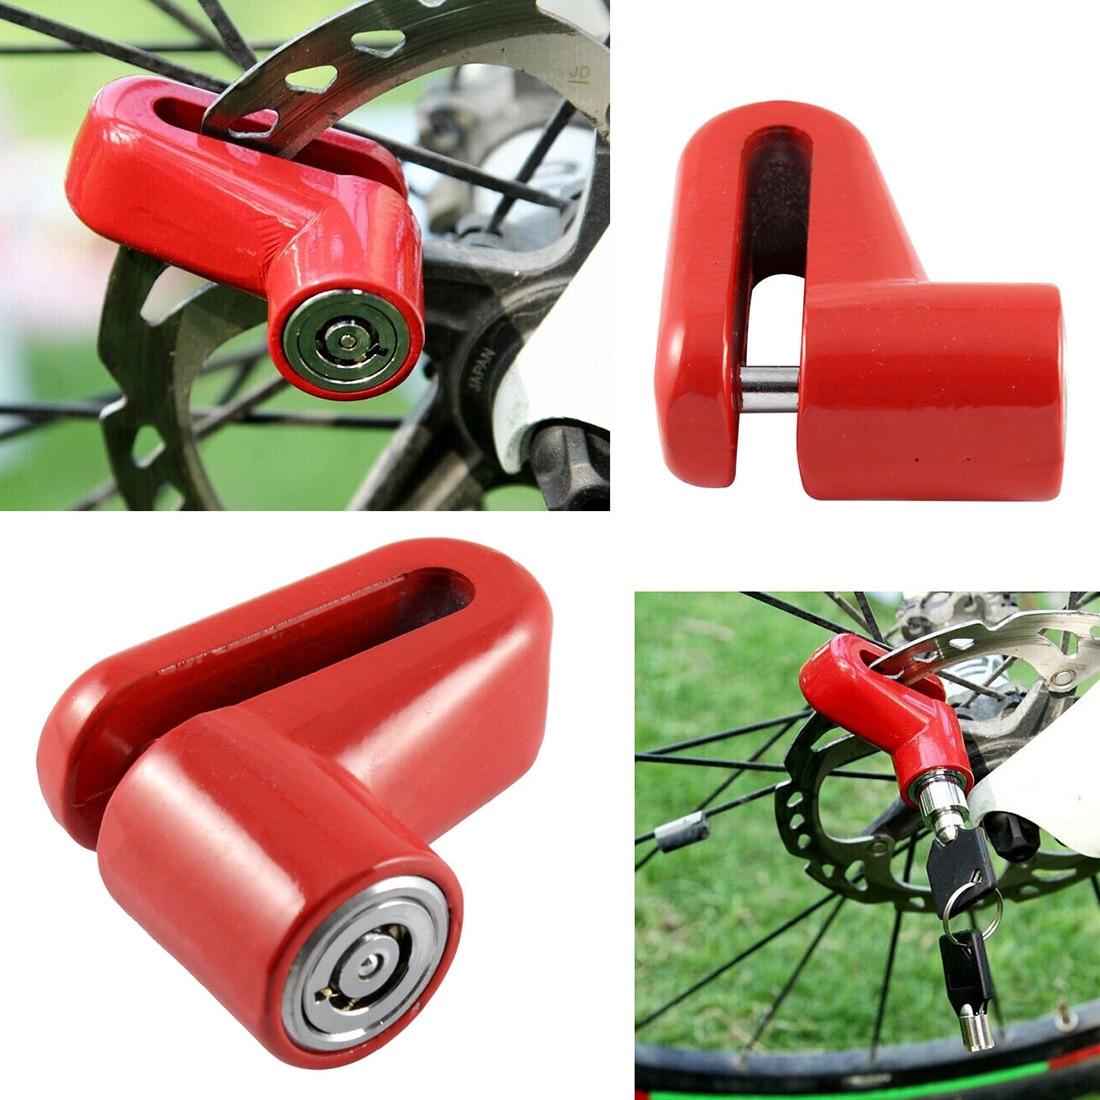 Coche-Departamento de buena calidad bicicleta de la motocicleta resistente freno de disco de rueda cerradura de seguridad de Anti ladrón alarma disco Bloqueo de Rotor de freno de disco